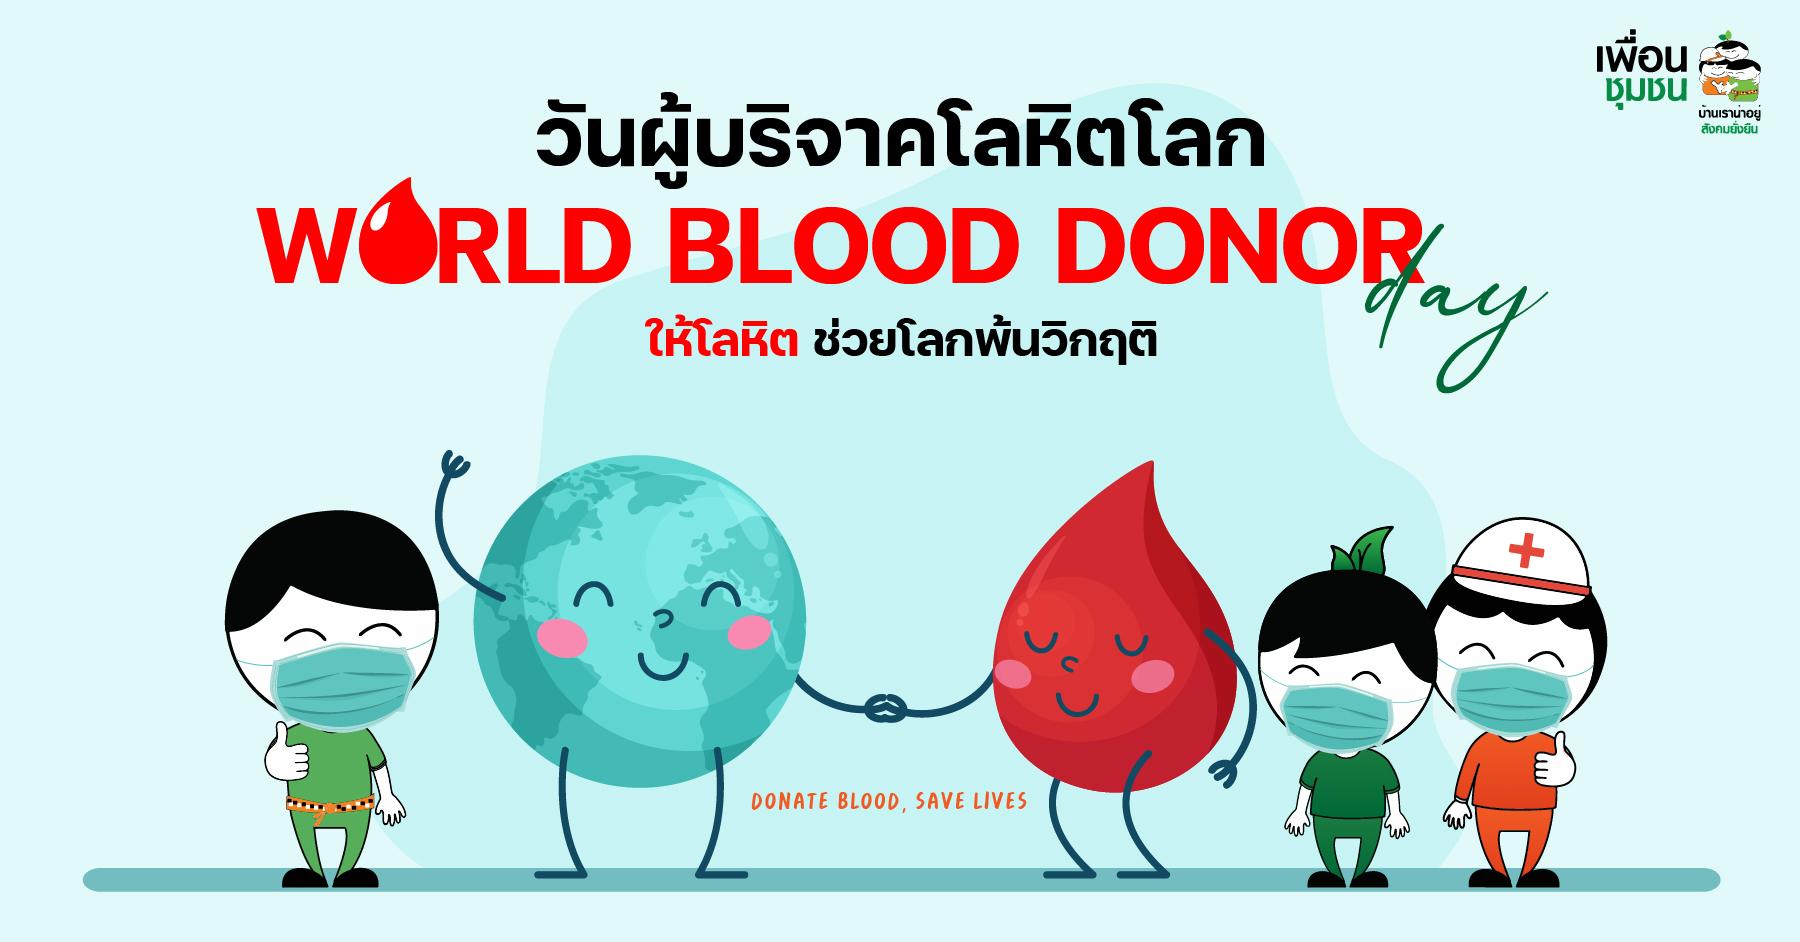 วันผู้บริจาคโลหิตโลก (World Blood Donor Day)